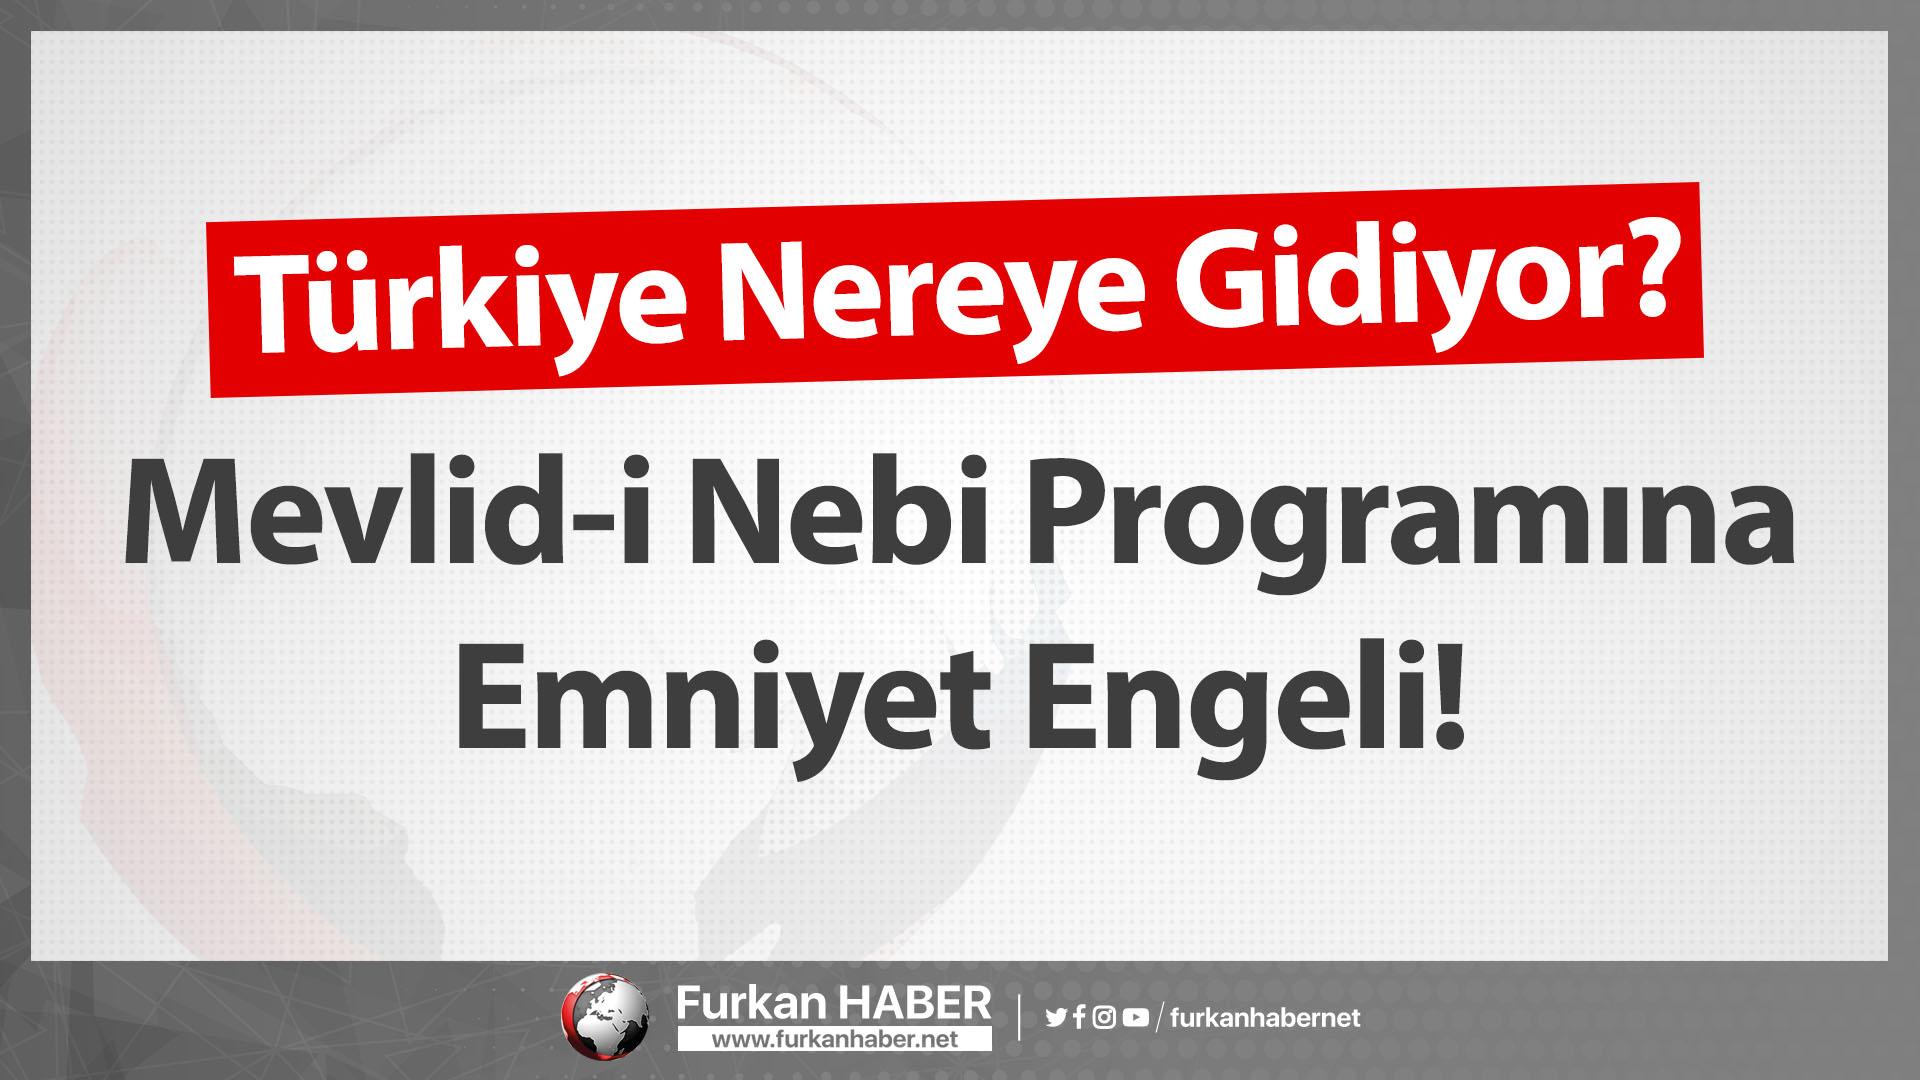 Türkiye Nereye Gidiyor? Mevlid-i Nebi Programına Emniyet Engeli!